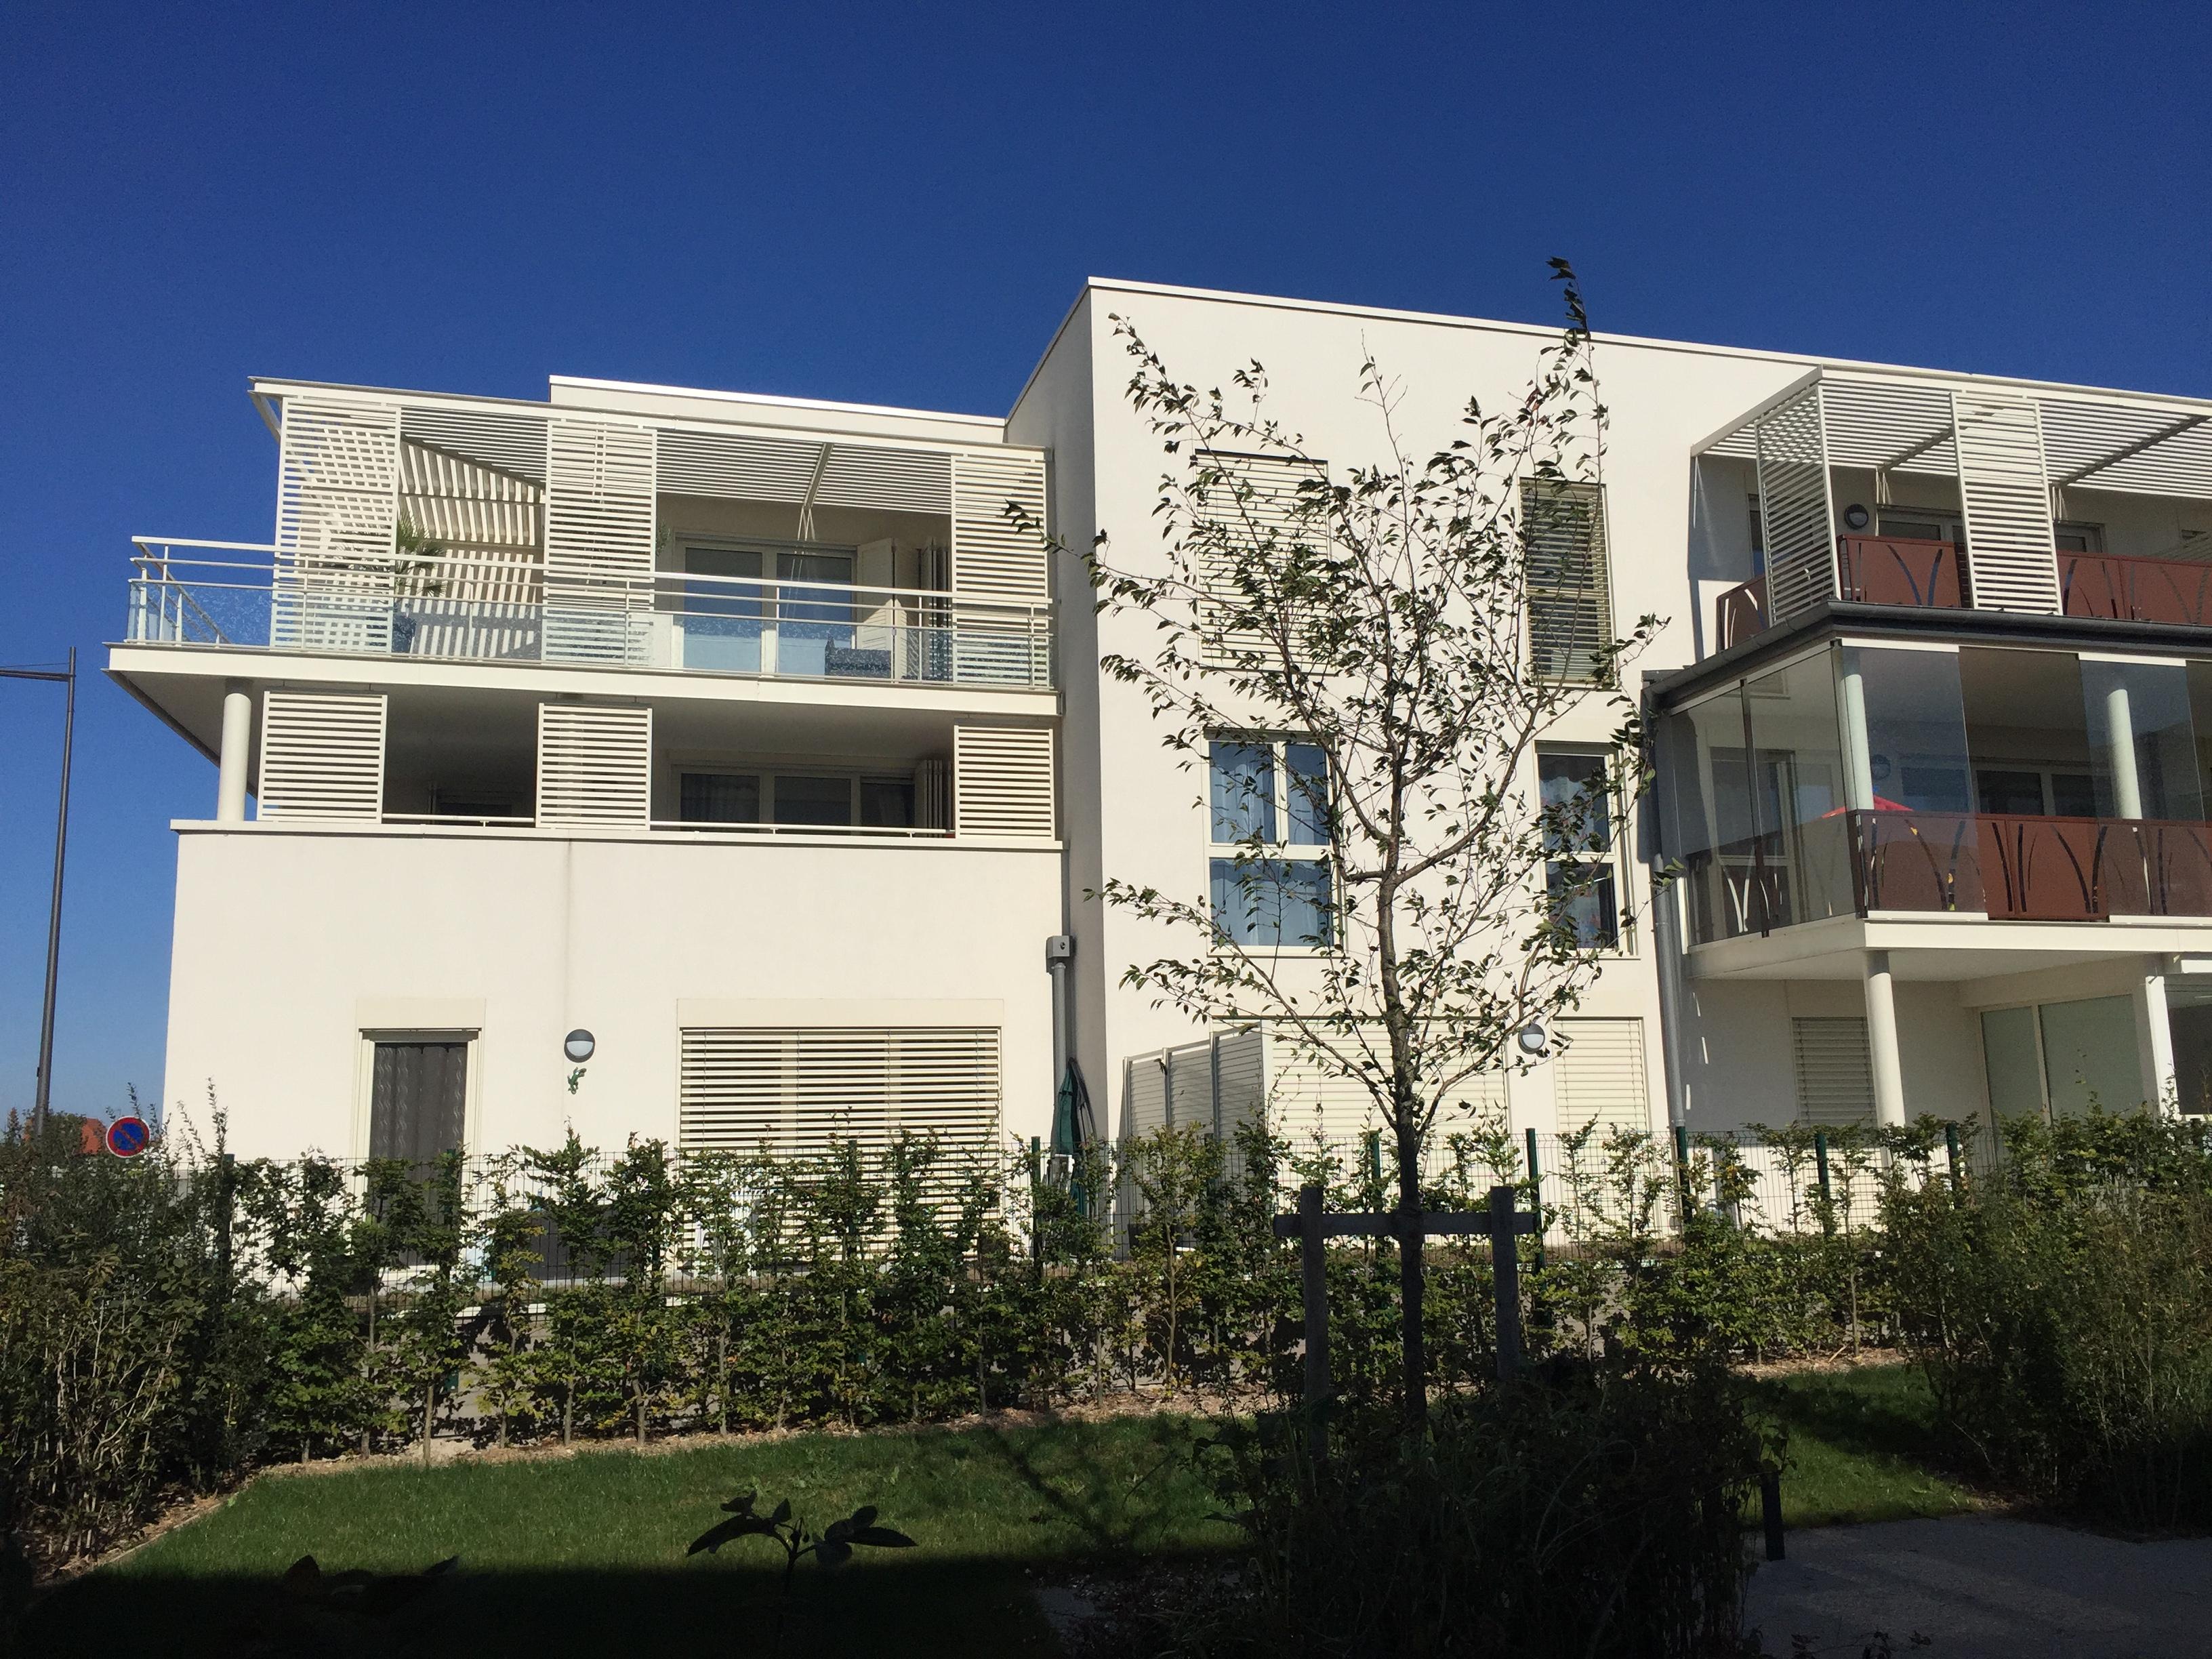 menuiserie-lambert-projet-eco-quartier-rema'vert1